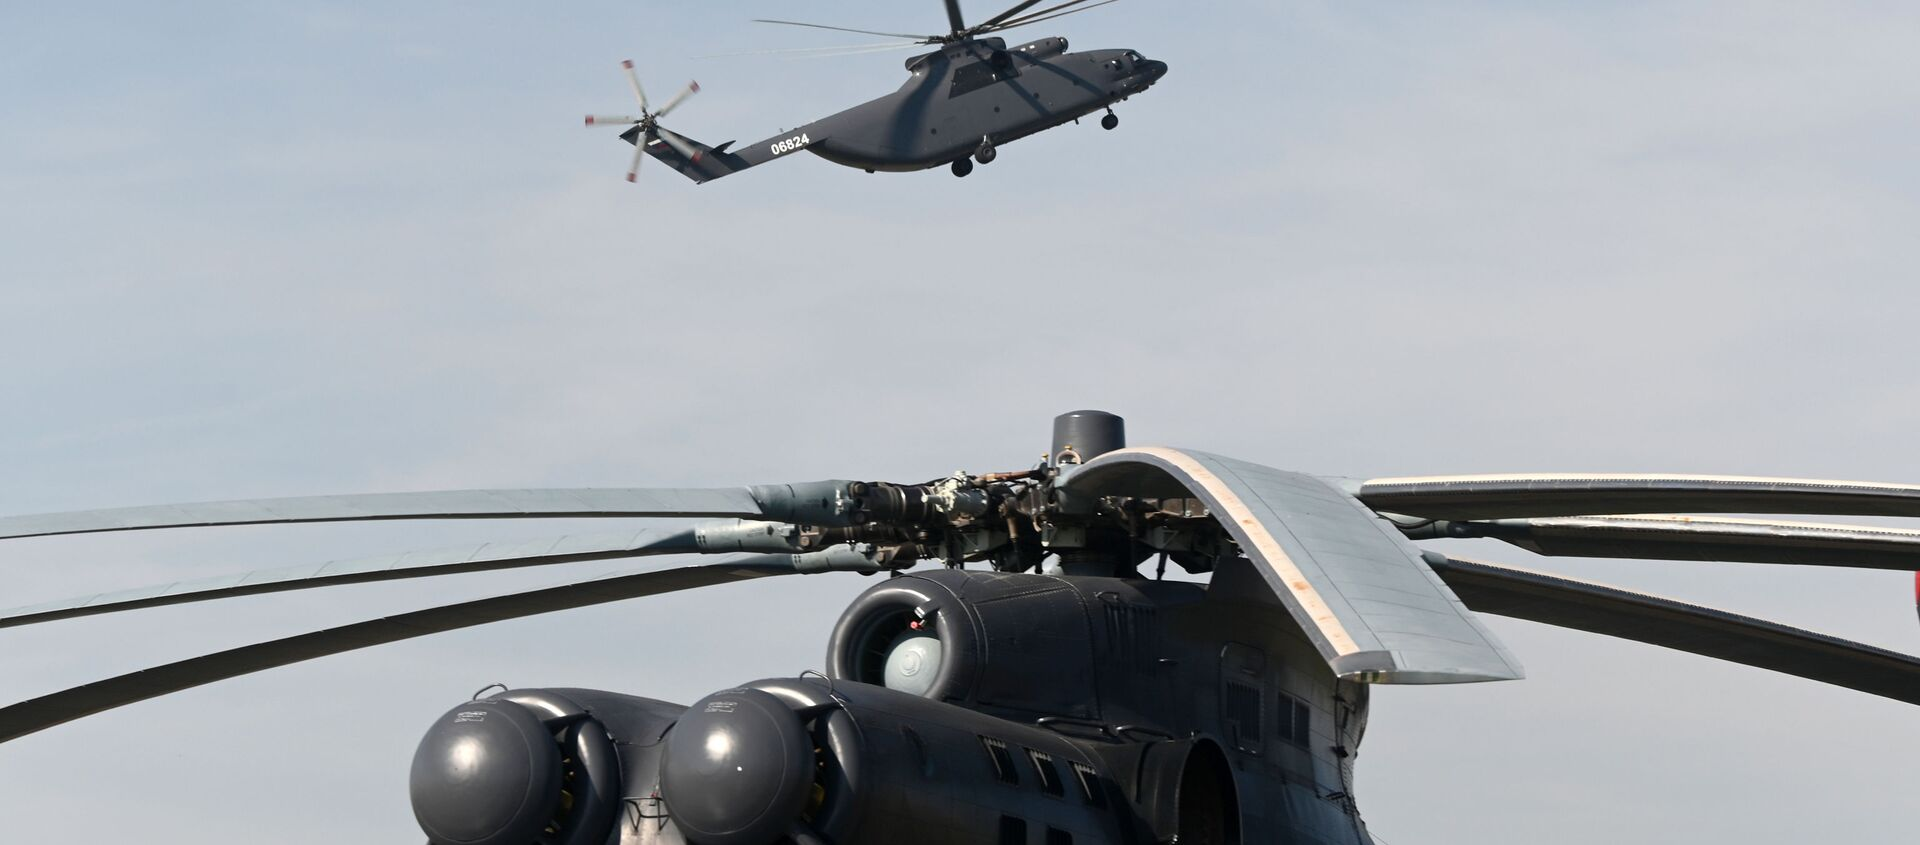 Máy bay trực thăng vận tải quân sự hạng nặng Mi-26T2 - Sputnik Việt Nam, 1920, 23.03.2021